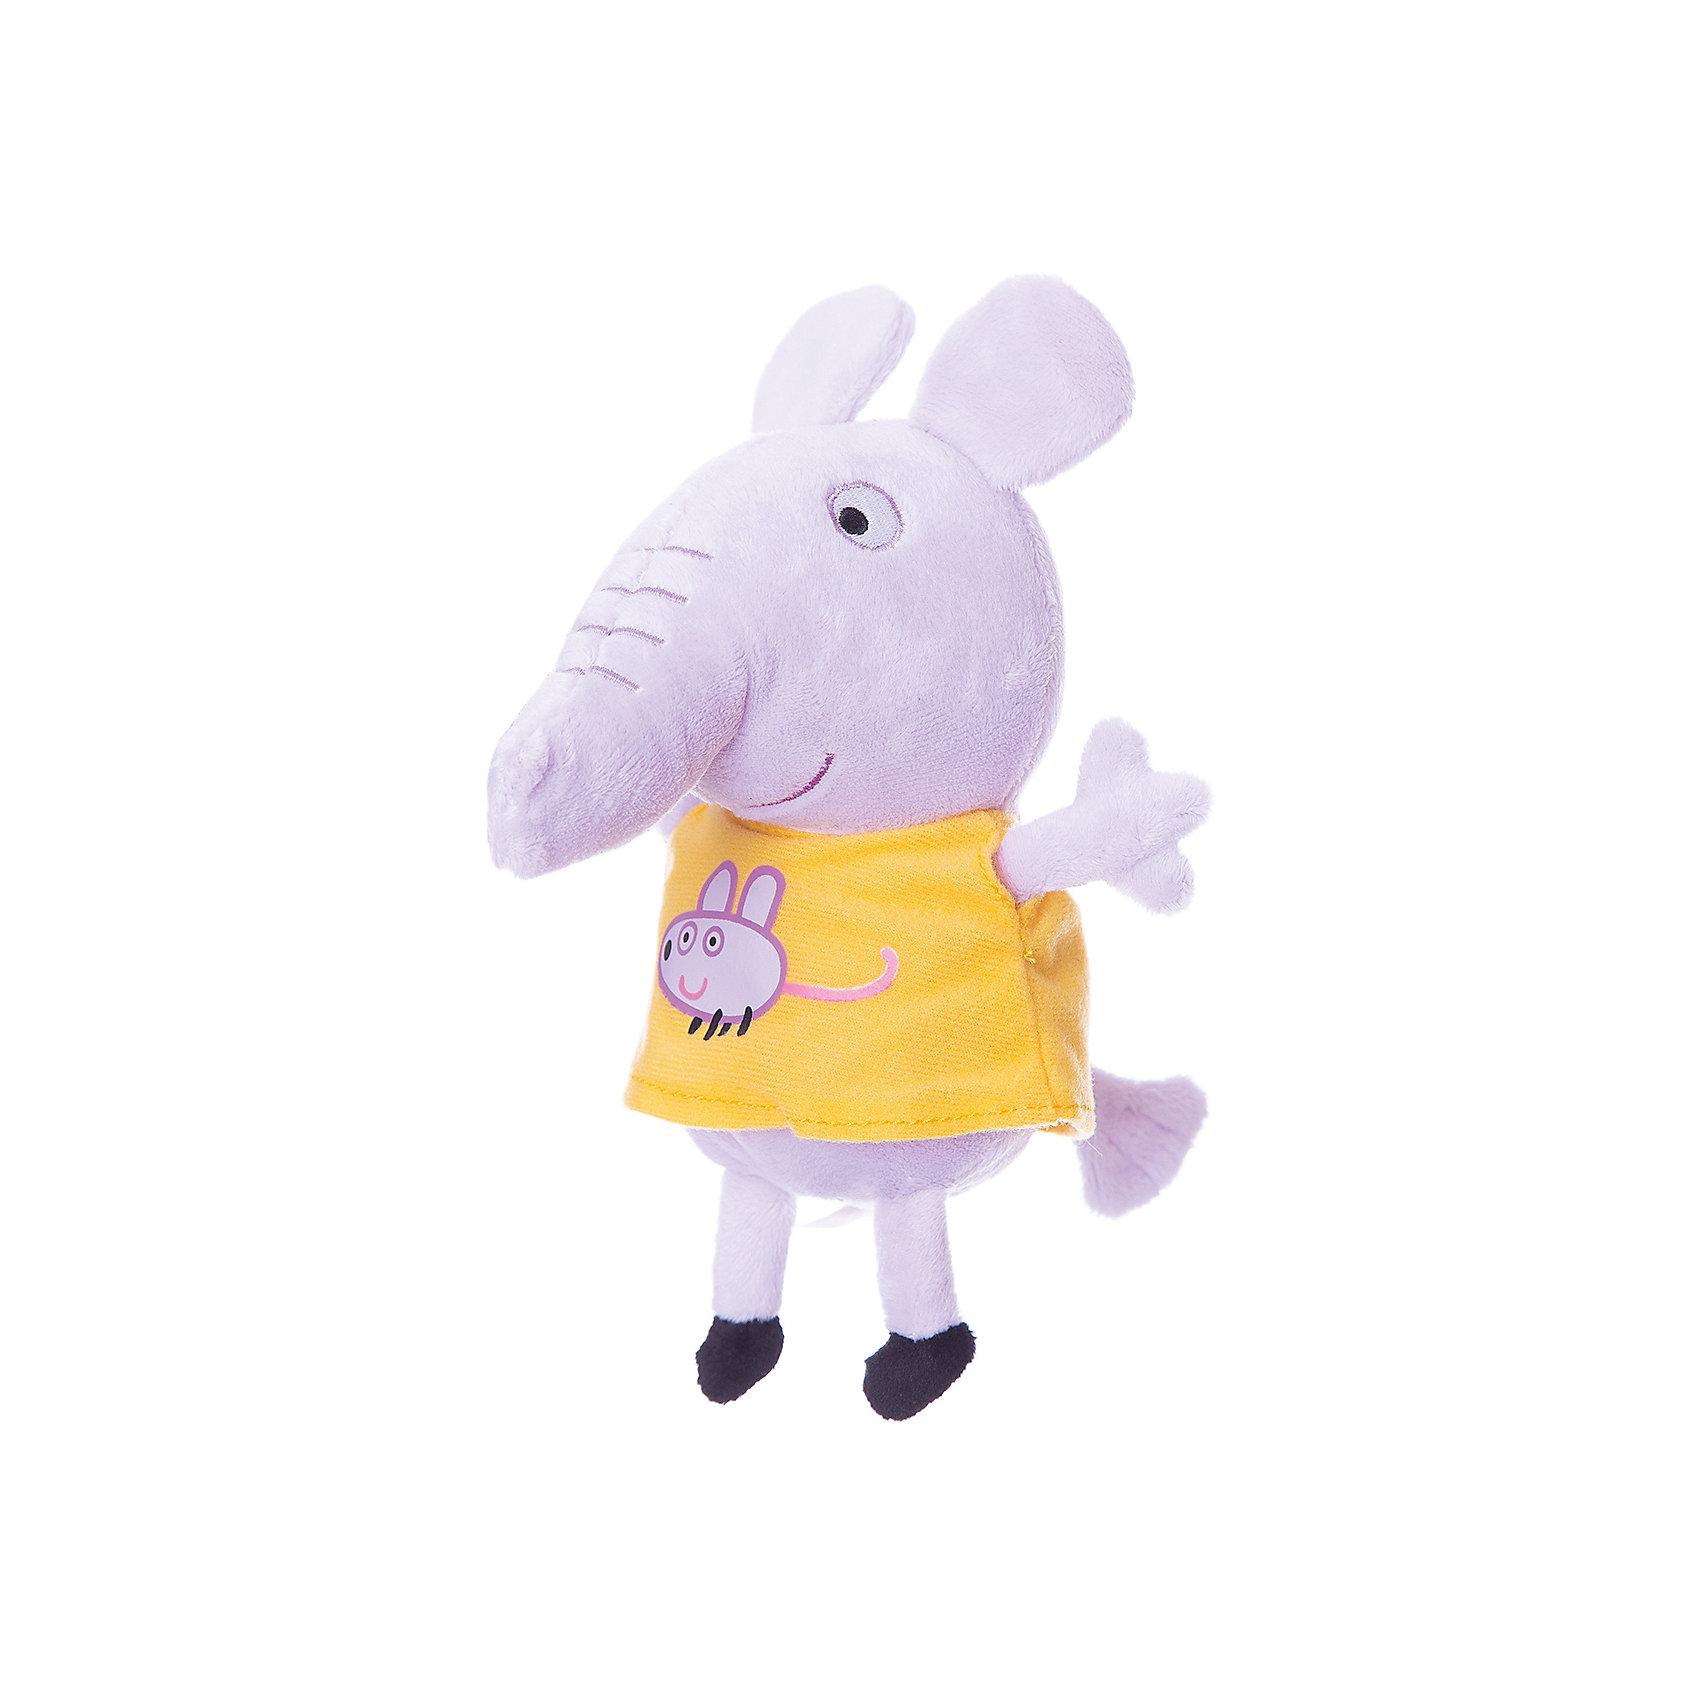 Мягкая игрушка Эмили с мышкой, 20см, Свинка ПеппаЭмили с мышкой, Свинка Пеппа - чудесная мягкая игрушка, которая обязательно порадует Вашего малыша. Слоненок Эмили - очаровательная подружка свинки Пеппы из популярного детского мультсериала Peppa Pig, игрушка выполнена из мягкой и нежной велюровой ткани и очень похожа на свой оригинал из мультика. Глазки, носик и ротик Эмили выполнены в виде плотной вышивки, а ее желтое платьице украшено яркой аппликацией в виде мышки. Собрав вместе других персонажей из серии Peppa Pig можно придумать множество веселых игр, которые будут развивать воображение и навыки общения.<br><br>Дополнительная информация:<br><br>- Материал: велюр, гипоалергенный наполнитель.<br>- Высота игрушки: 20 см.<br>- Размер упаковки: 9 x 8 x 20 см. <br>- Вес: 60 гр.<br><br>Мягкую игрушку Эмили с мышкой, 20 см., Свинка Пеппа, можно купить в нашем интернет-магазине.<br><br>Ширина мм: 90<br>Глубина мм: 80<br>Высота мм: 200<br>Вес г: 60<br>Возраст от месяцев: 36<br>Возраст до месяцев: 72<br>Пол: Унисекс<br>Возраст: Детский<br>SKU: 4330045